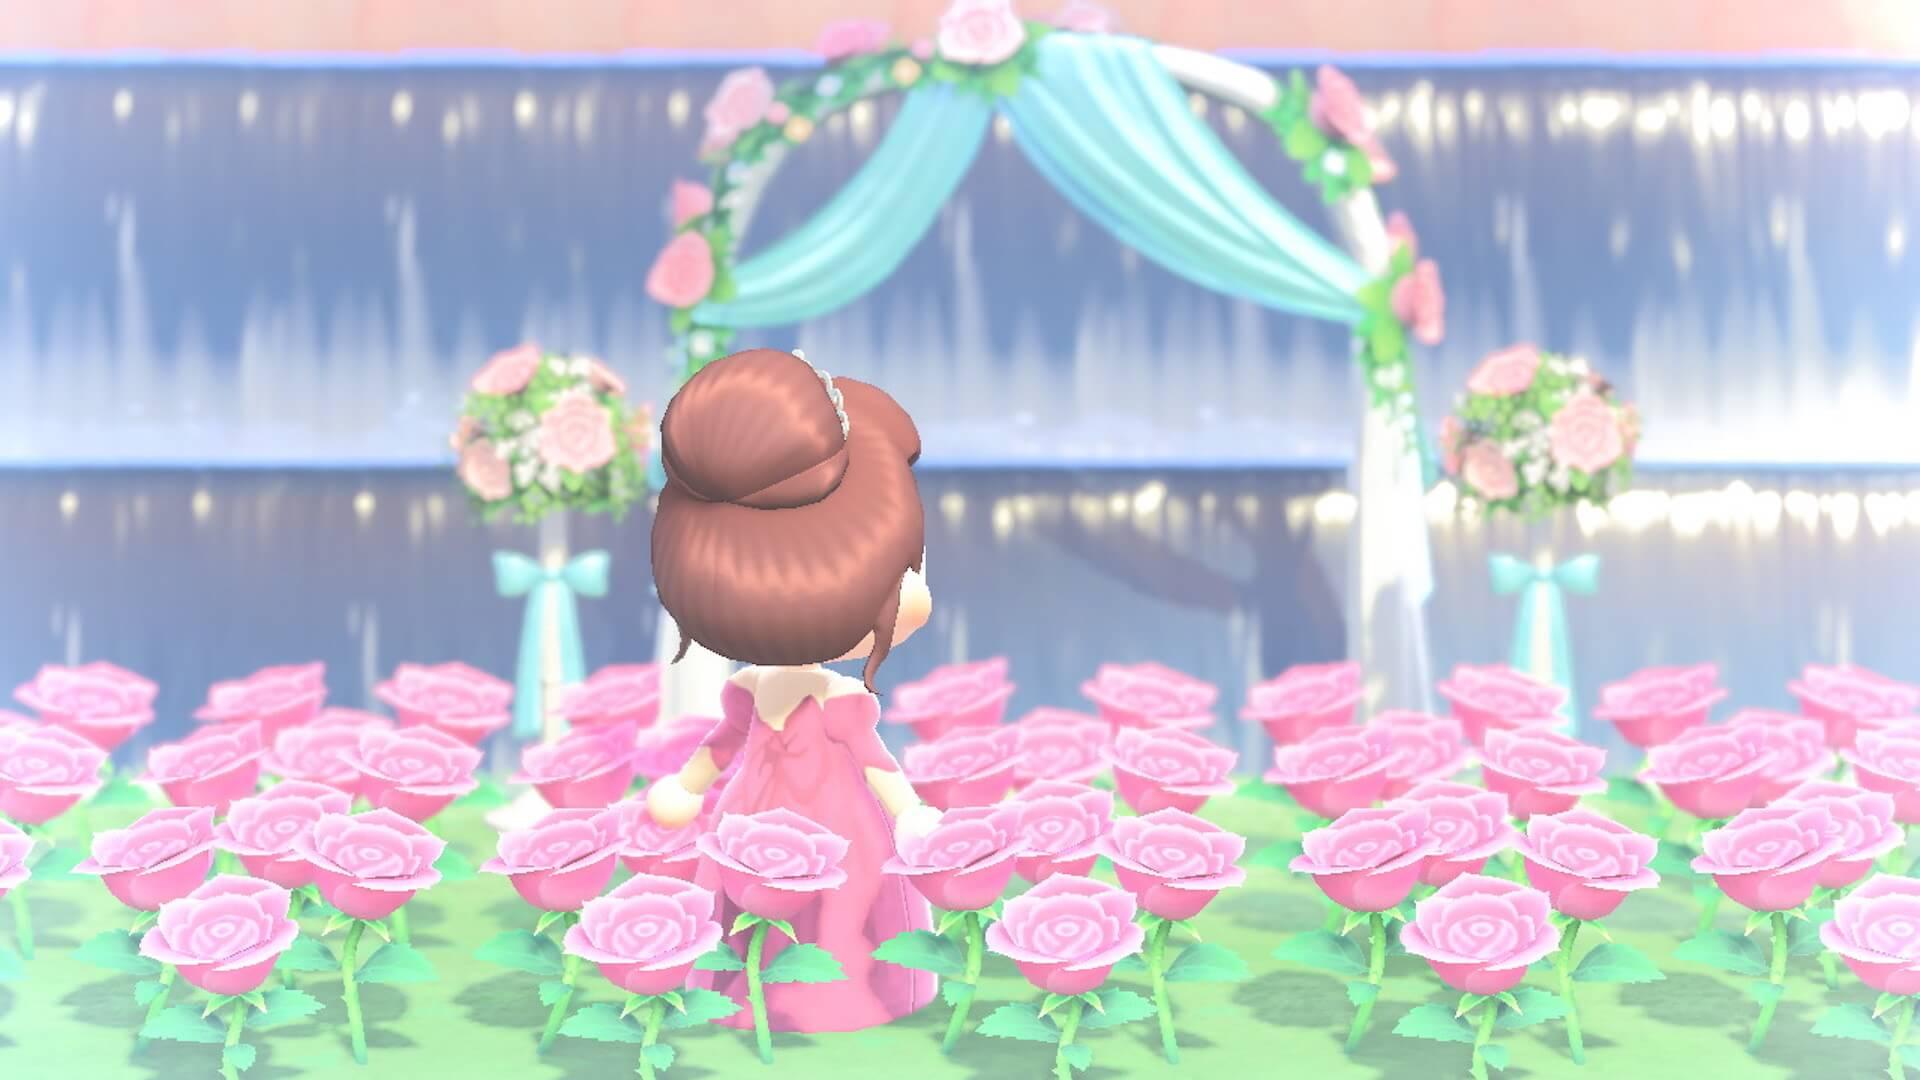 あつ森でYumi Katsuraのウエディングドレスを着て結婚式を挙げよう!?『あつまれ どうぶつの森』マイデザインが公式Instgramで配布開始 tech200608_animalcrossing_6